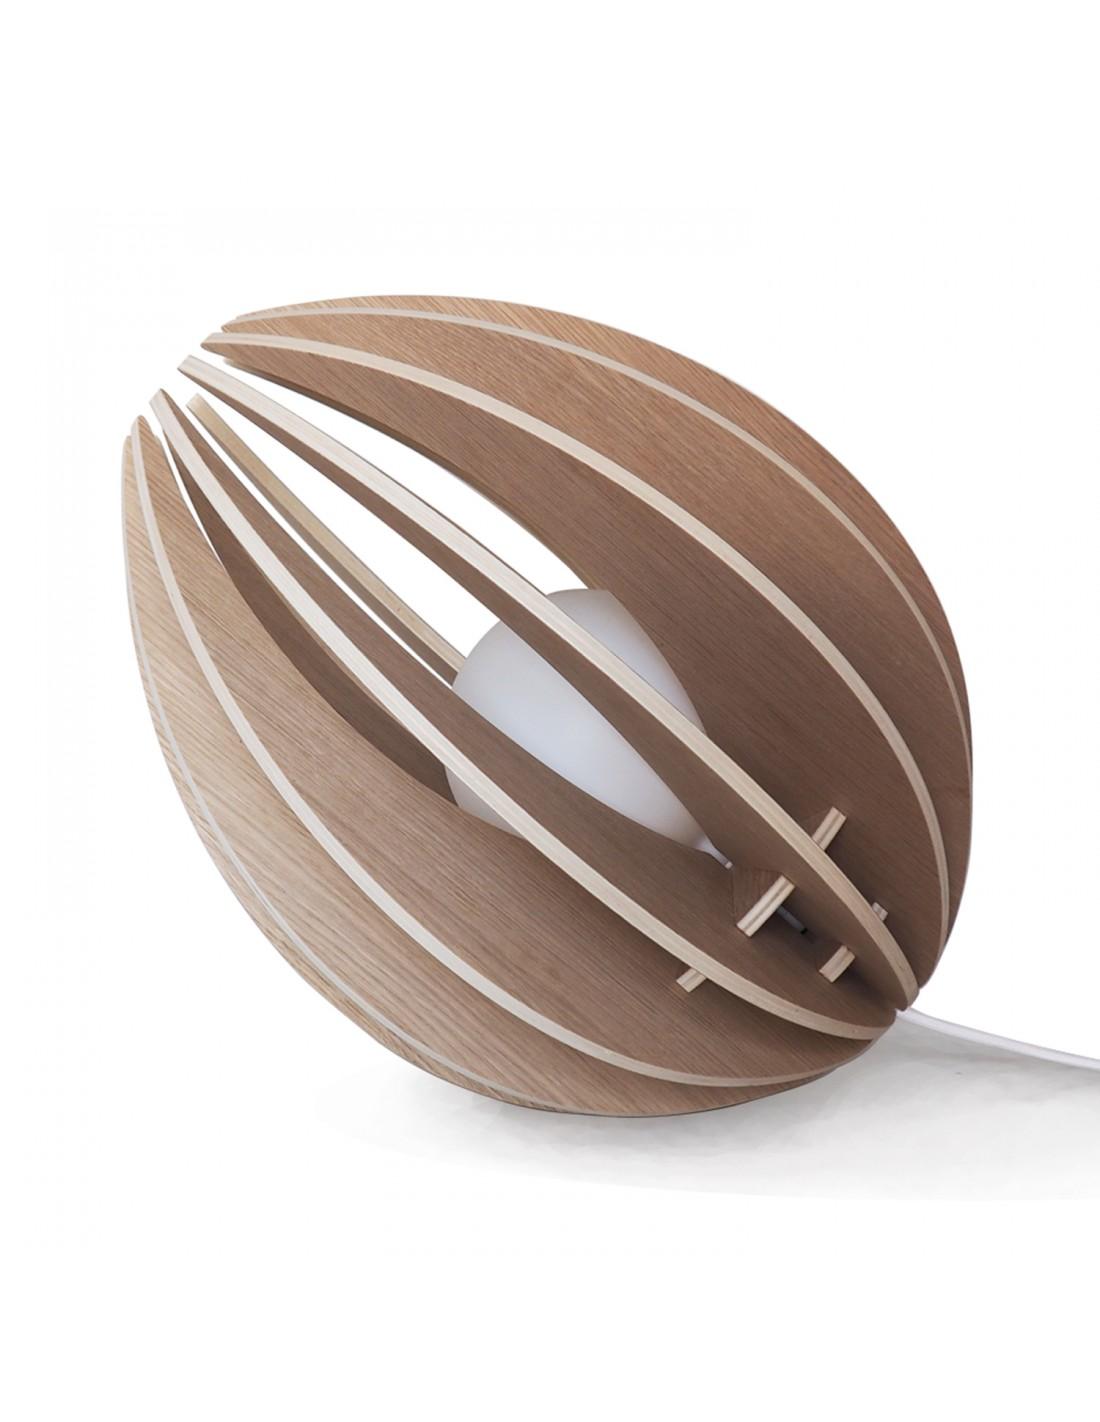 maison du monde Lampe à poser en bois avec fil blanc sans ampoule